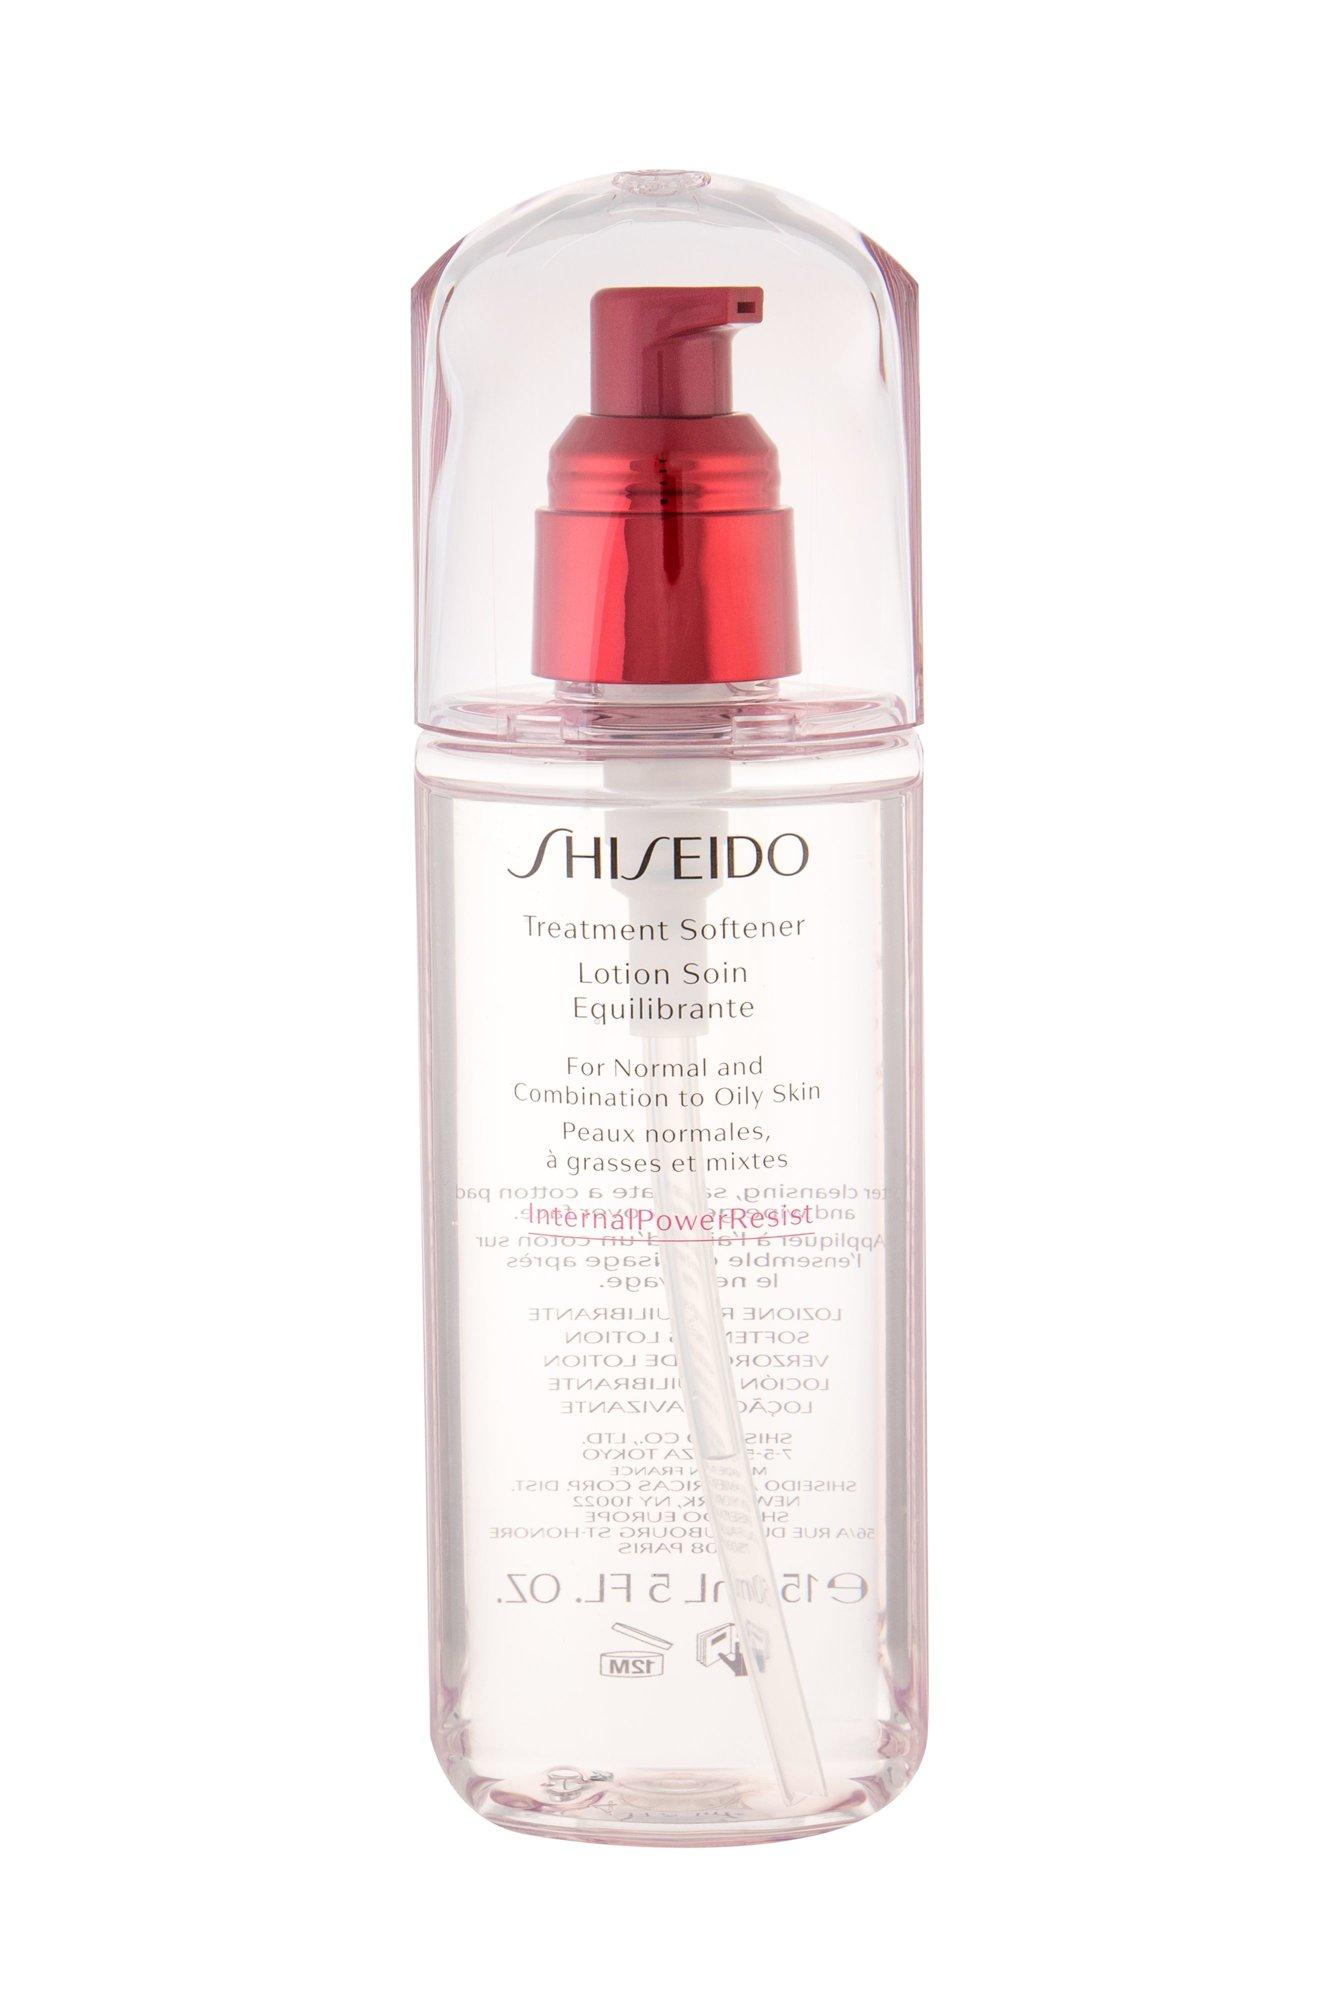 Shiseido Japanese Beauty Secrets Facial Lotion 150ml